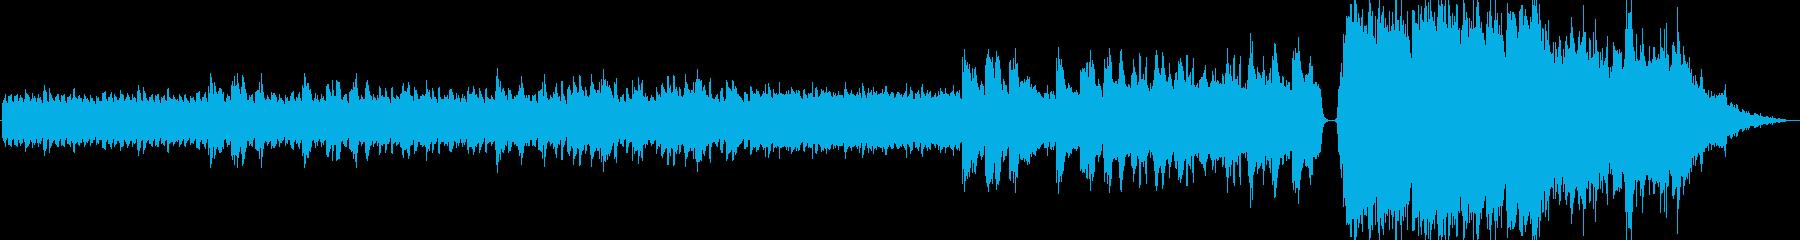 最後で盛り上がる感動BGMの再生済みの波形